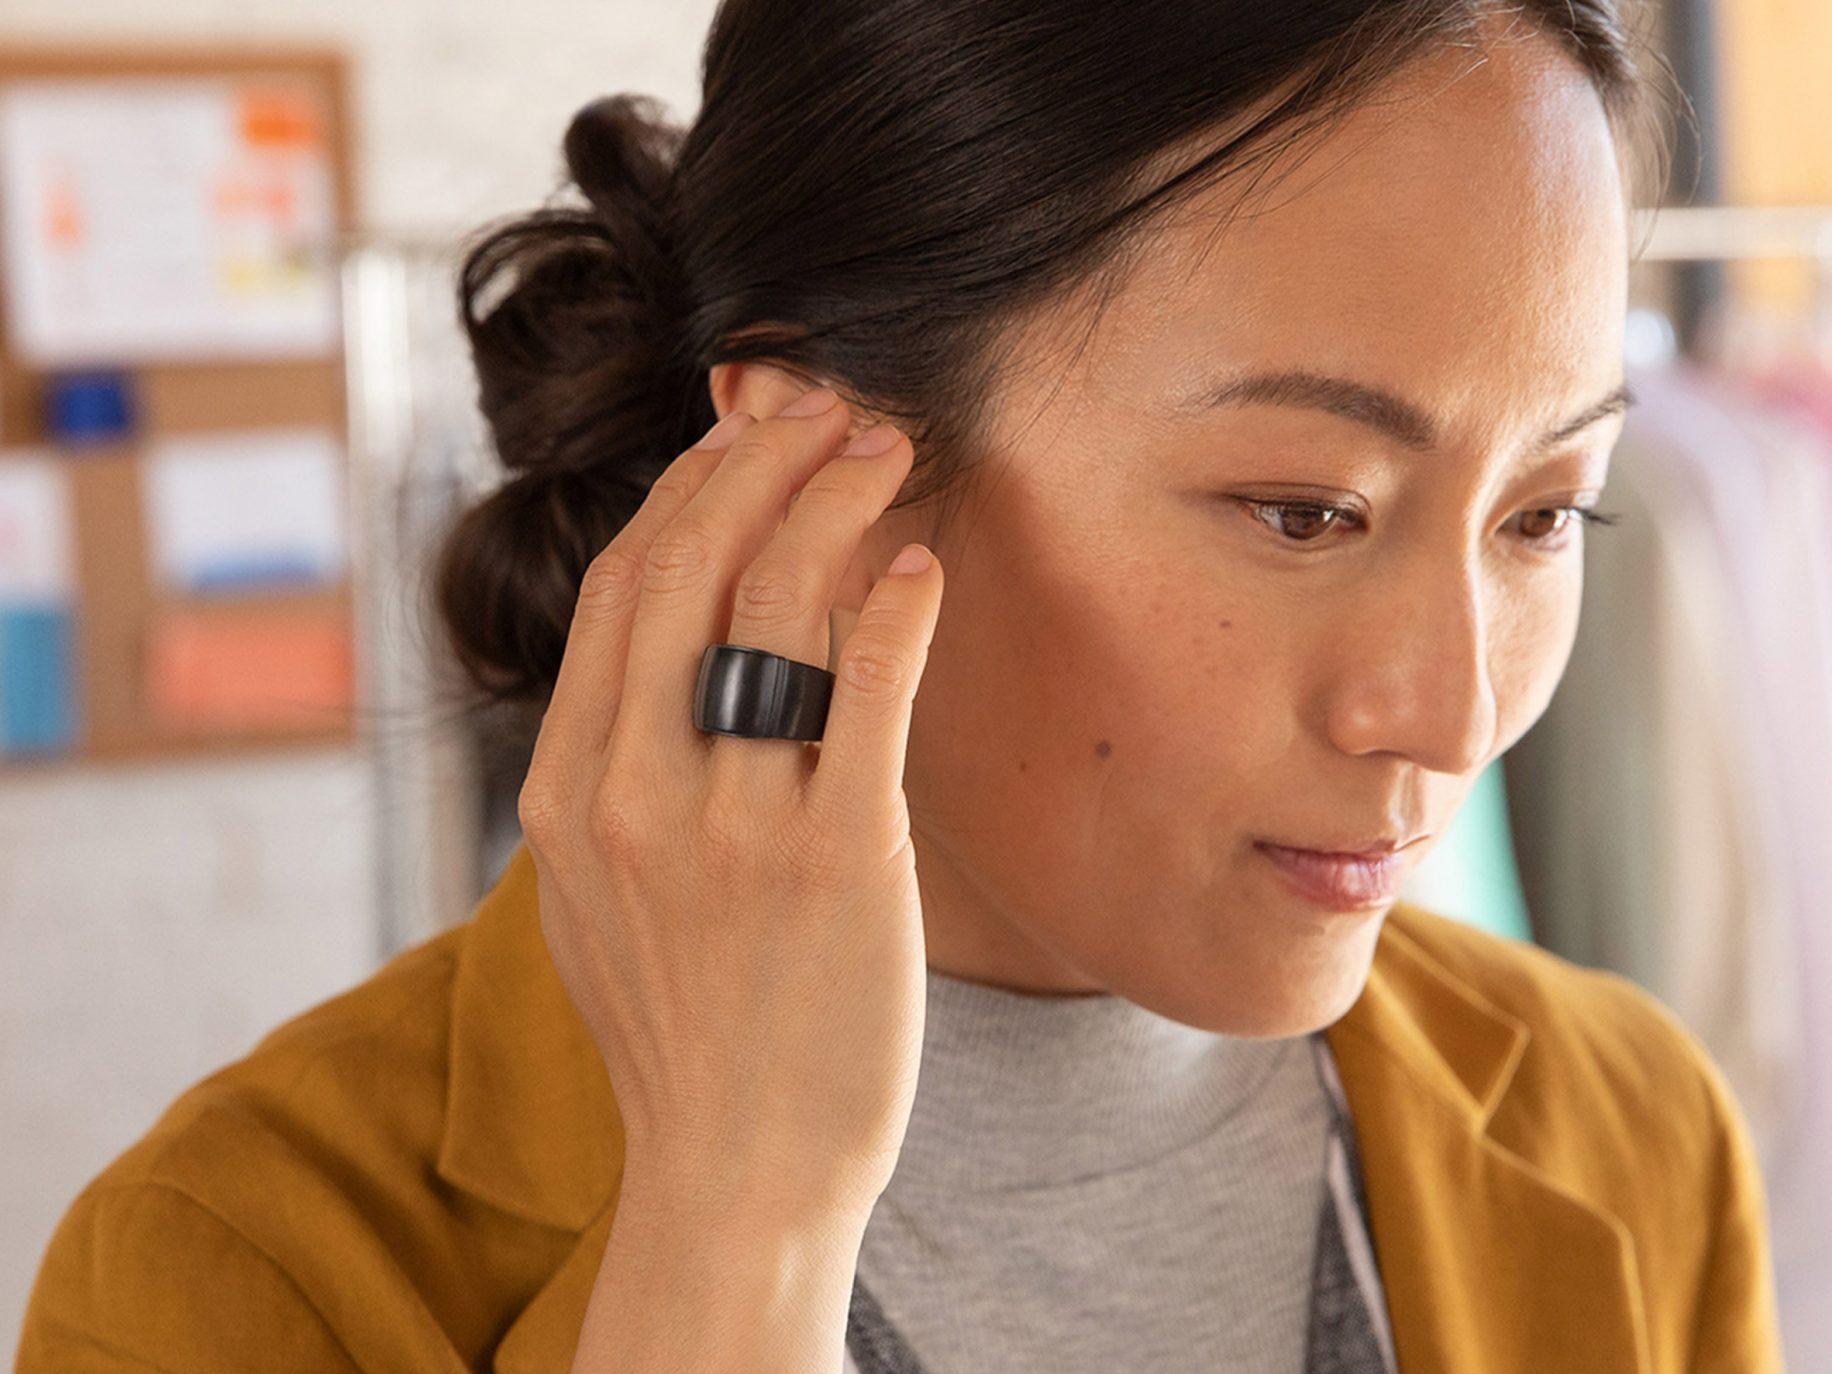 Amazon Echo product launch